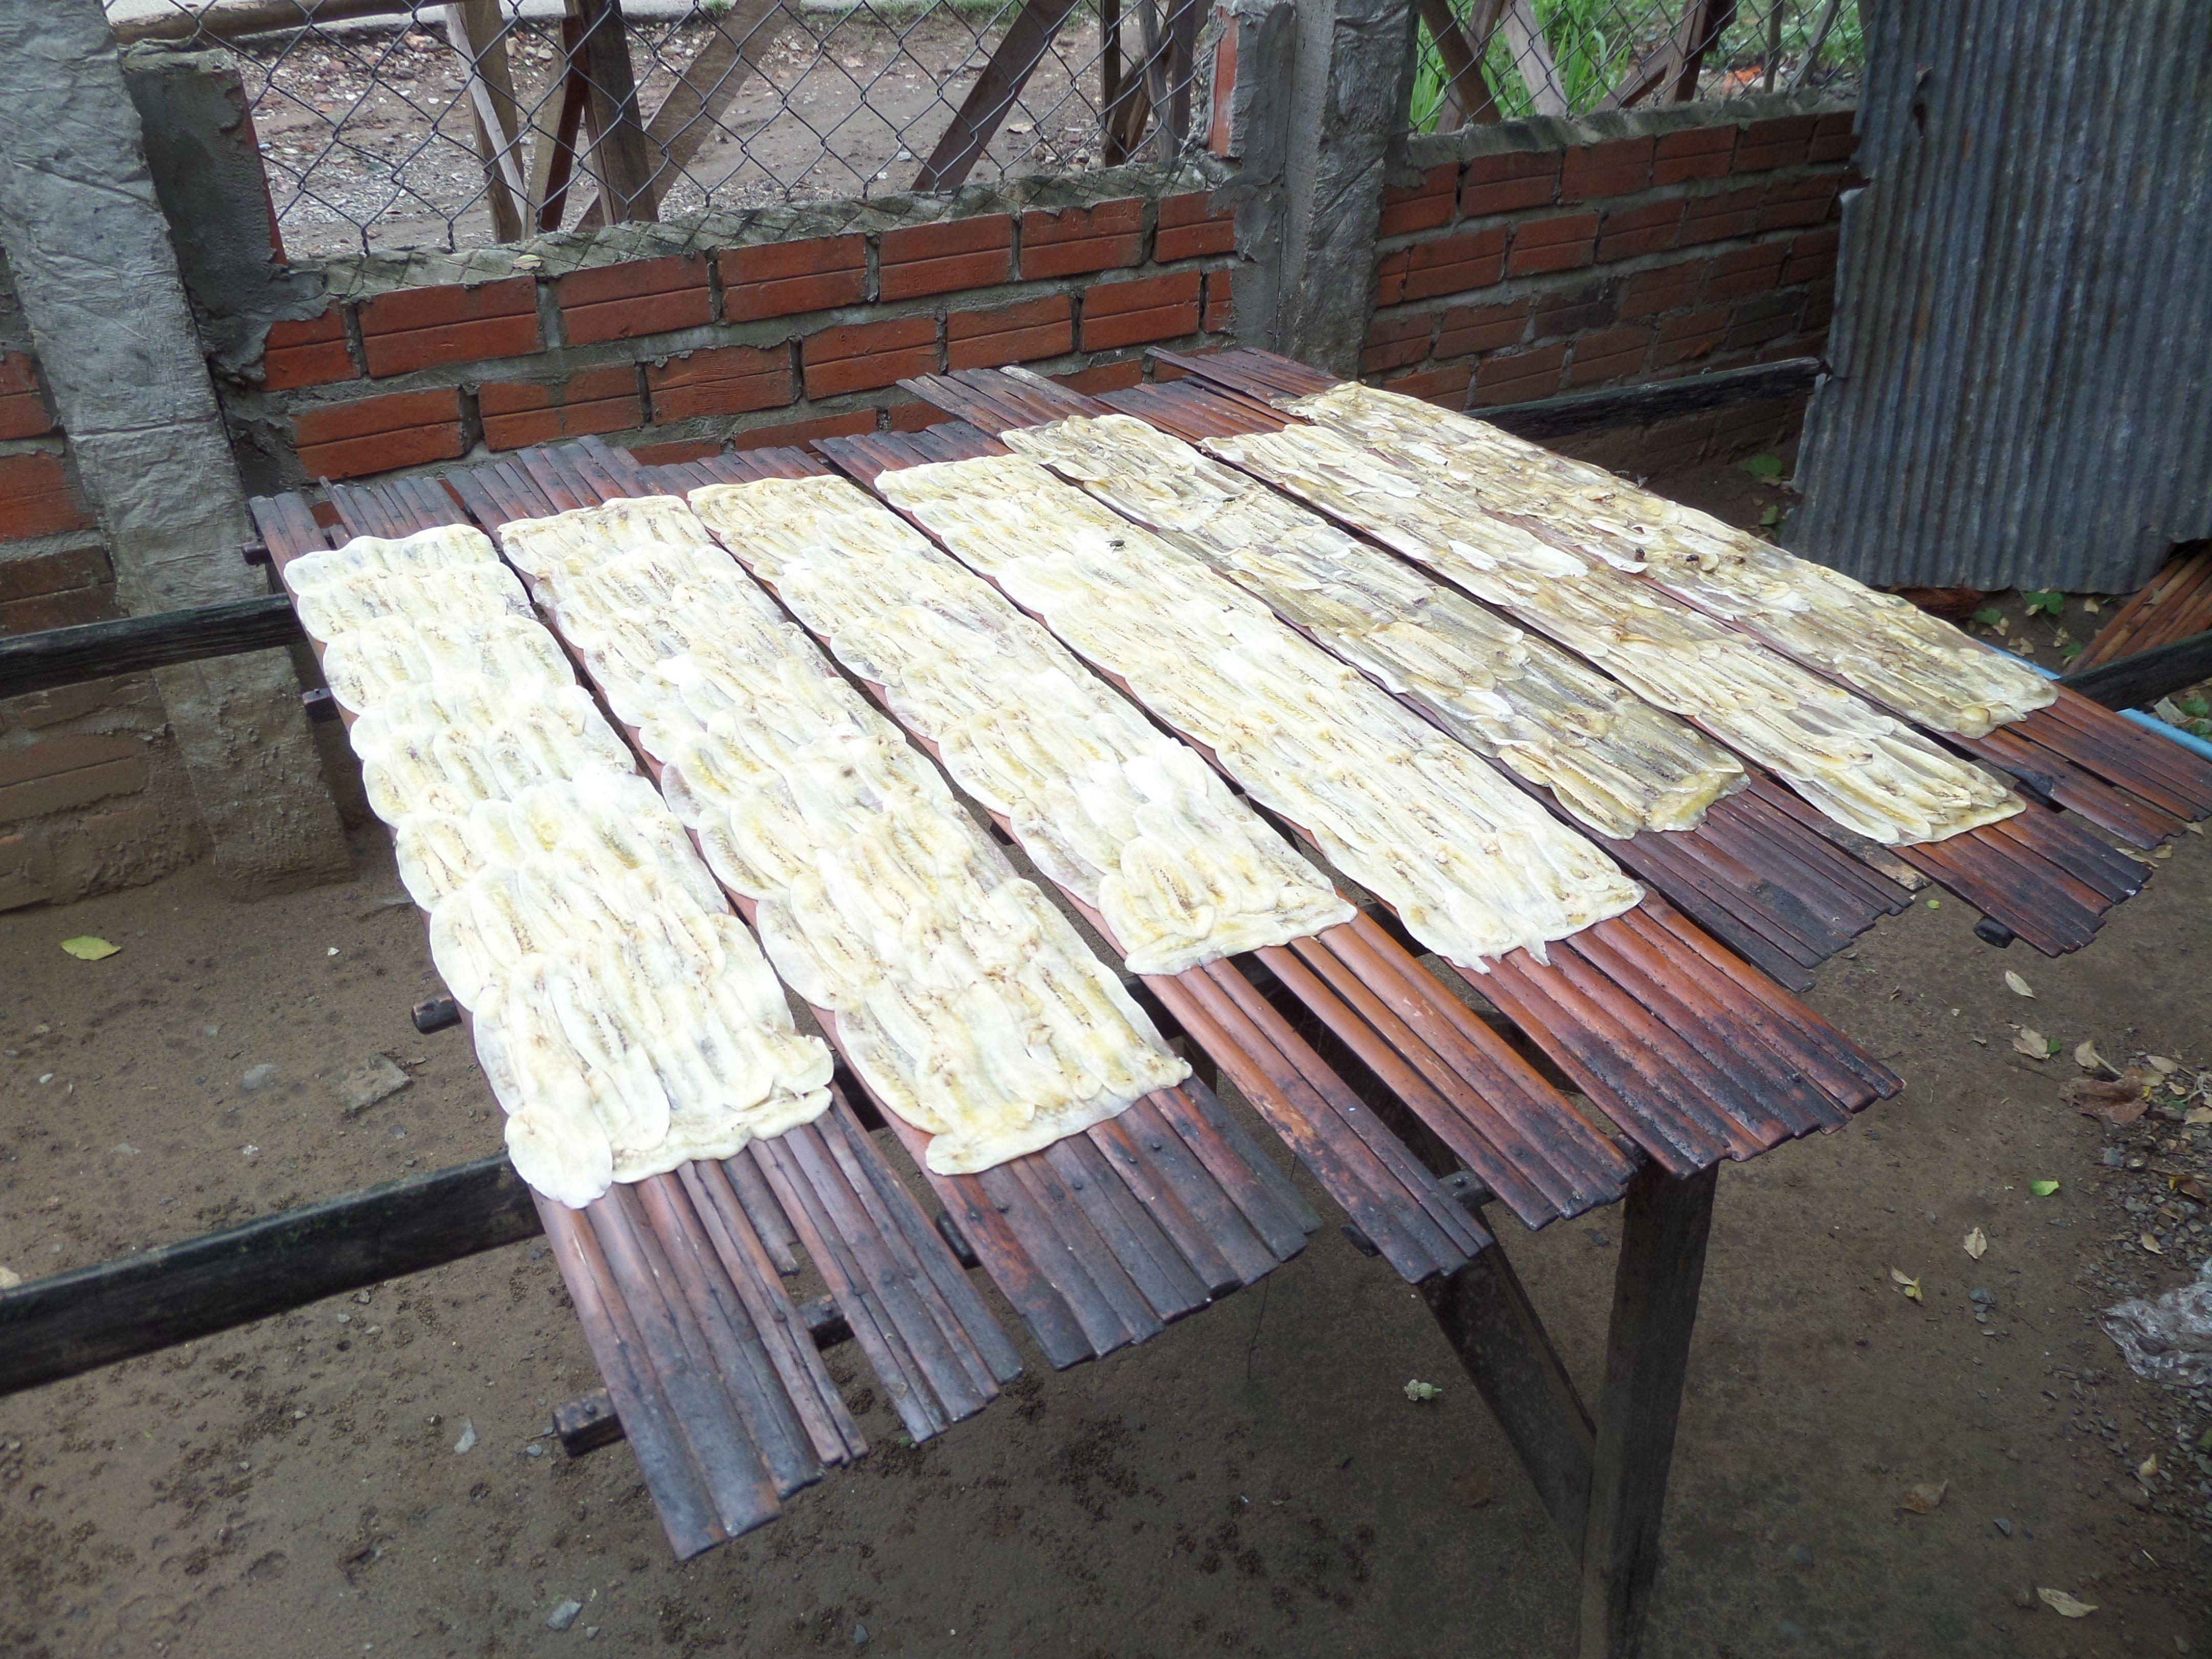 Making dried bananas, Battambang Cambodia